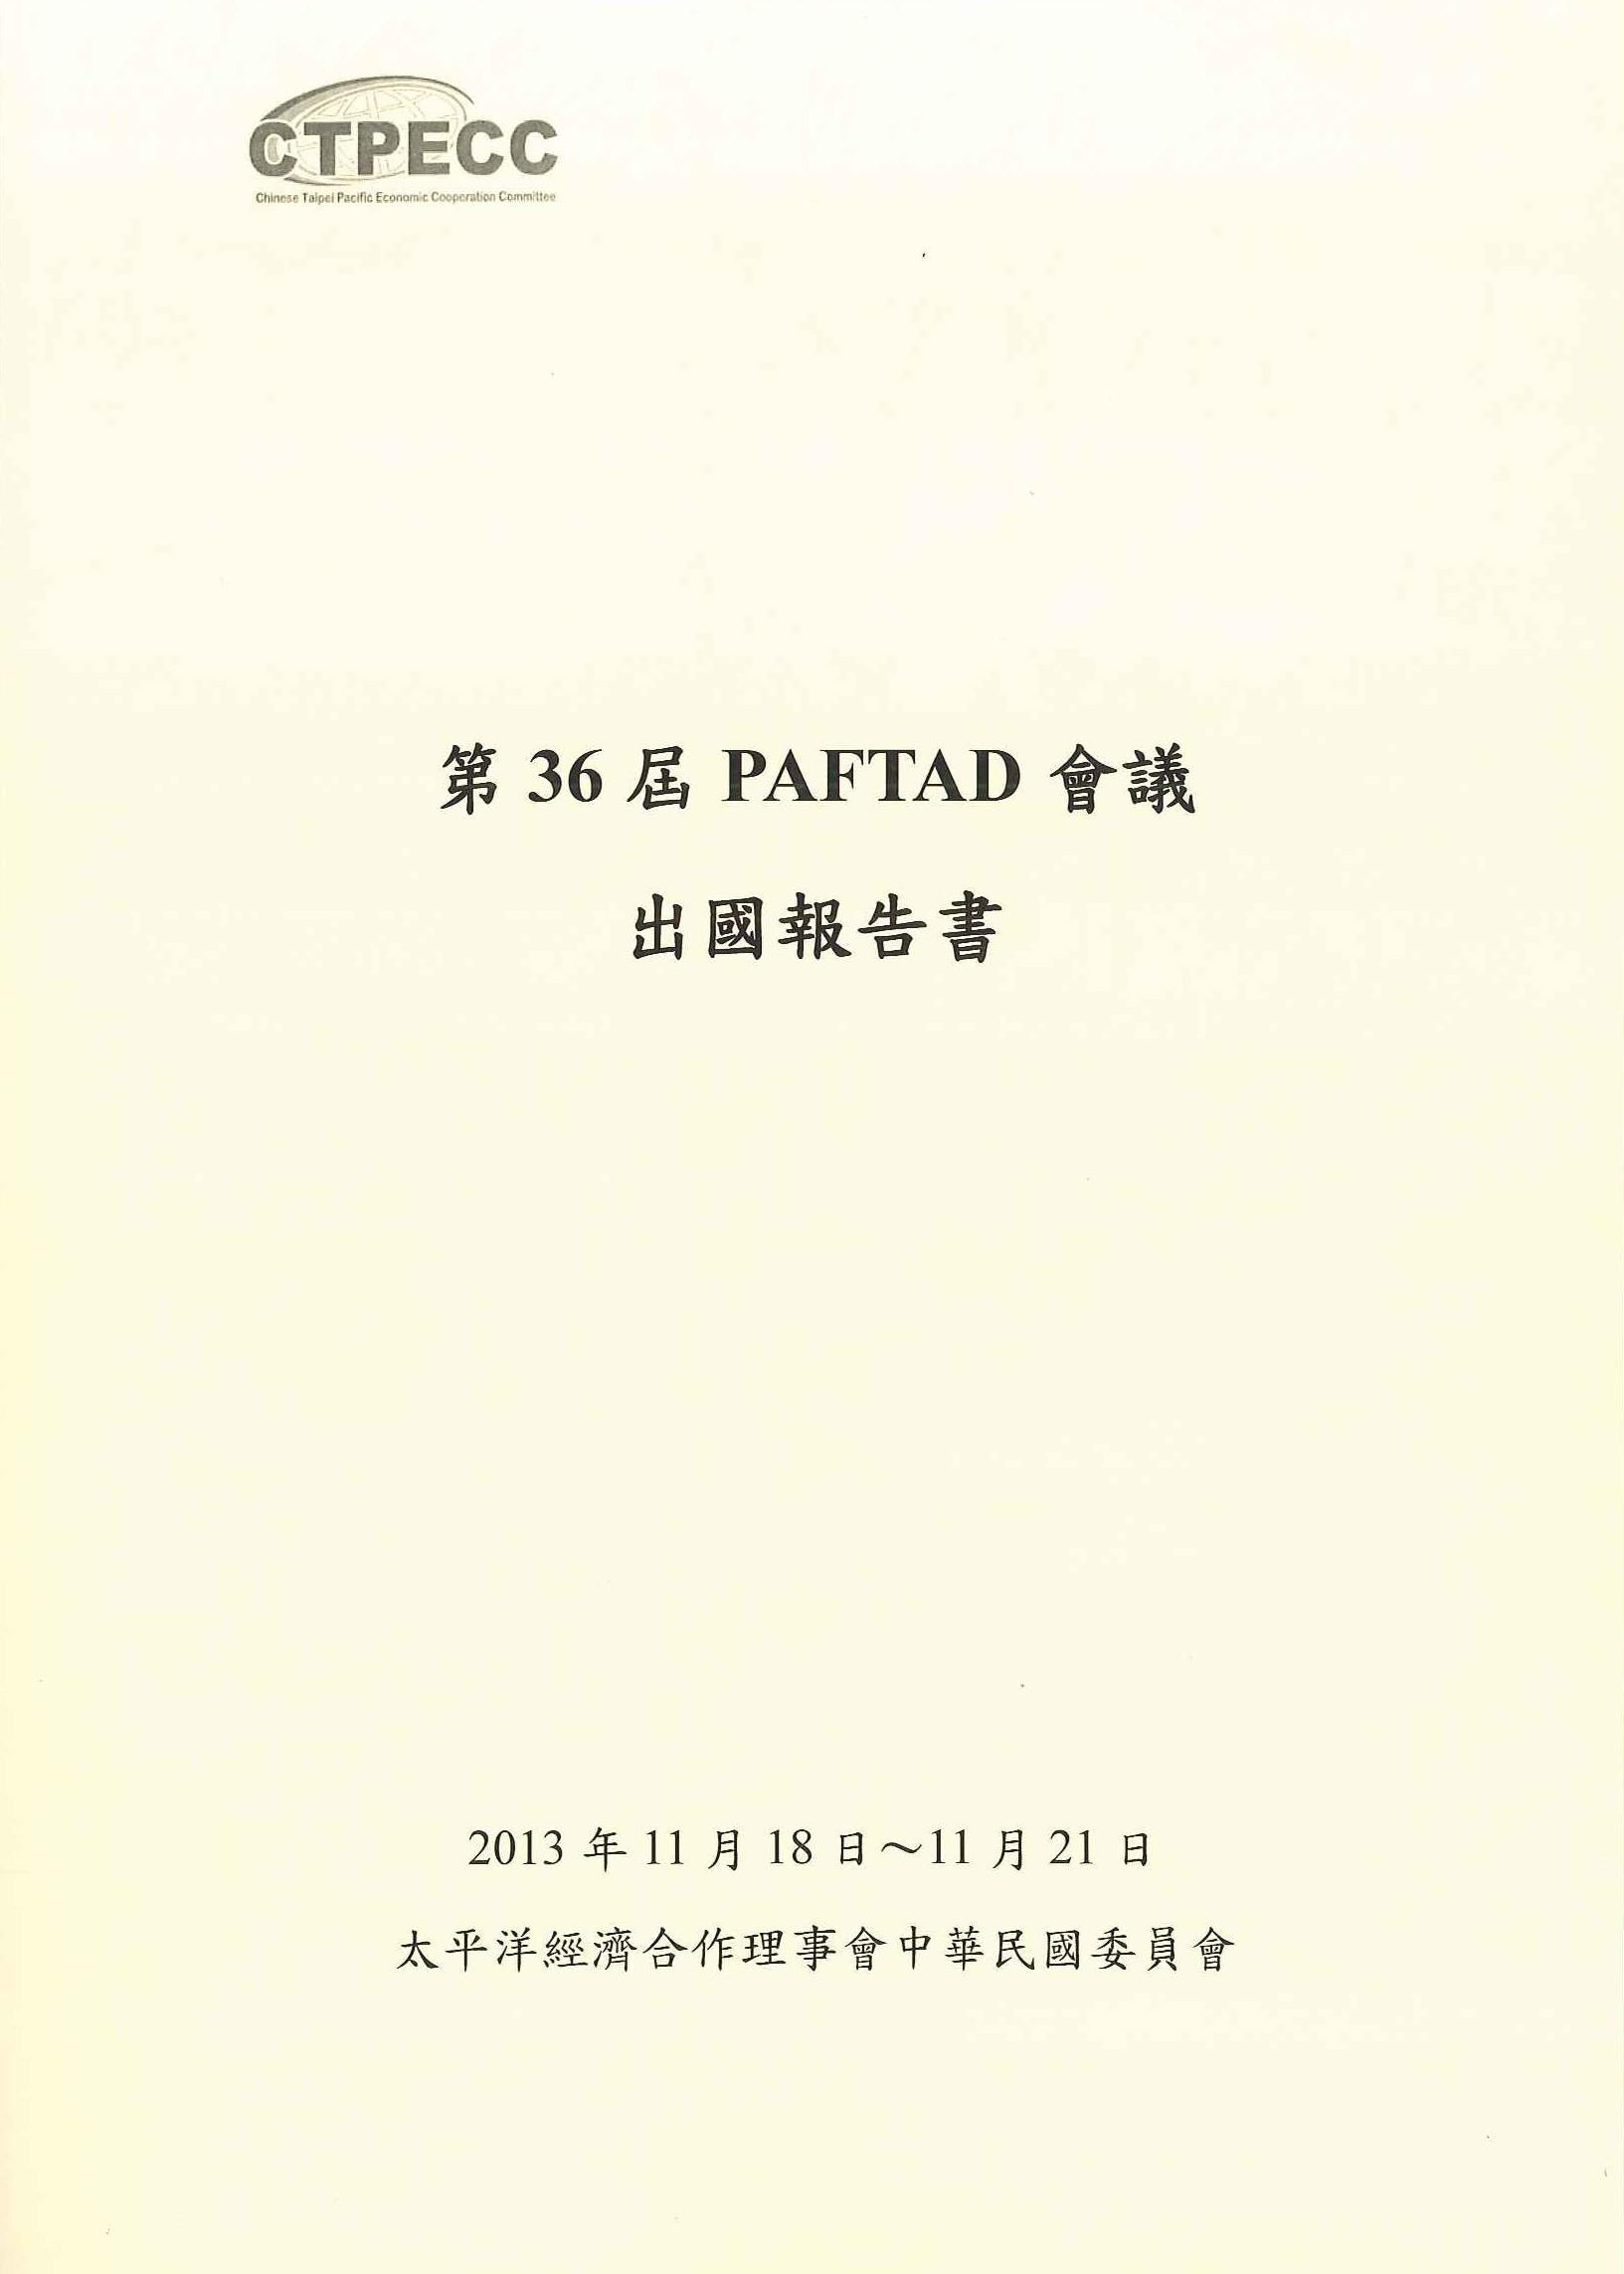 第36屆PAFTAD會議出國報告書